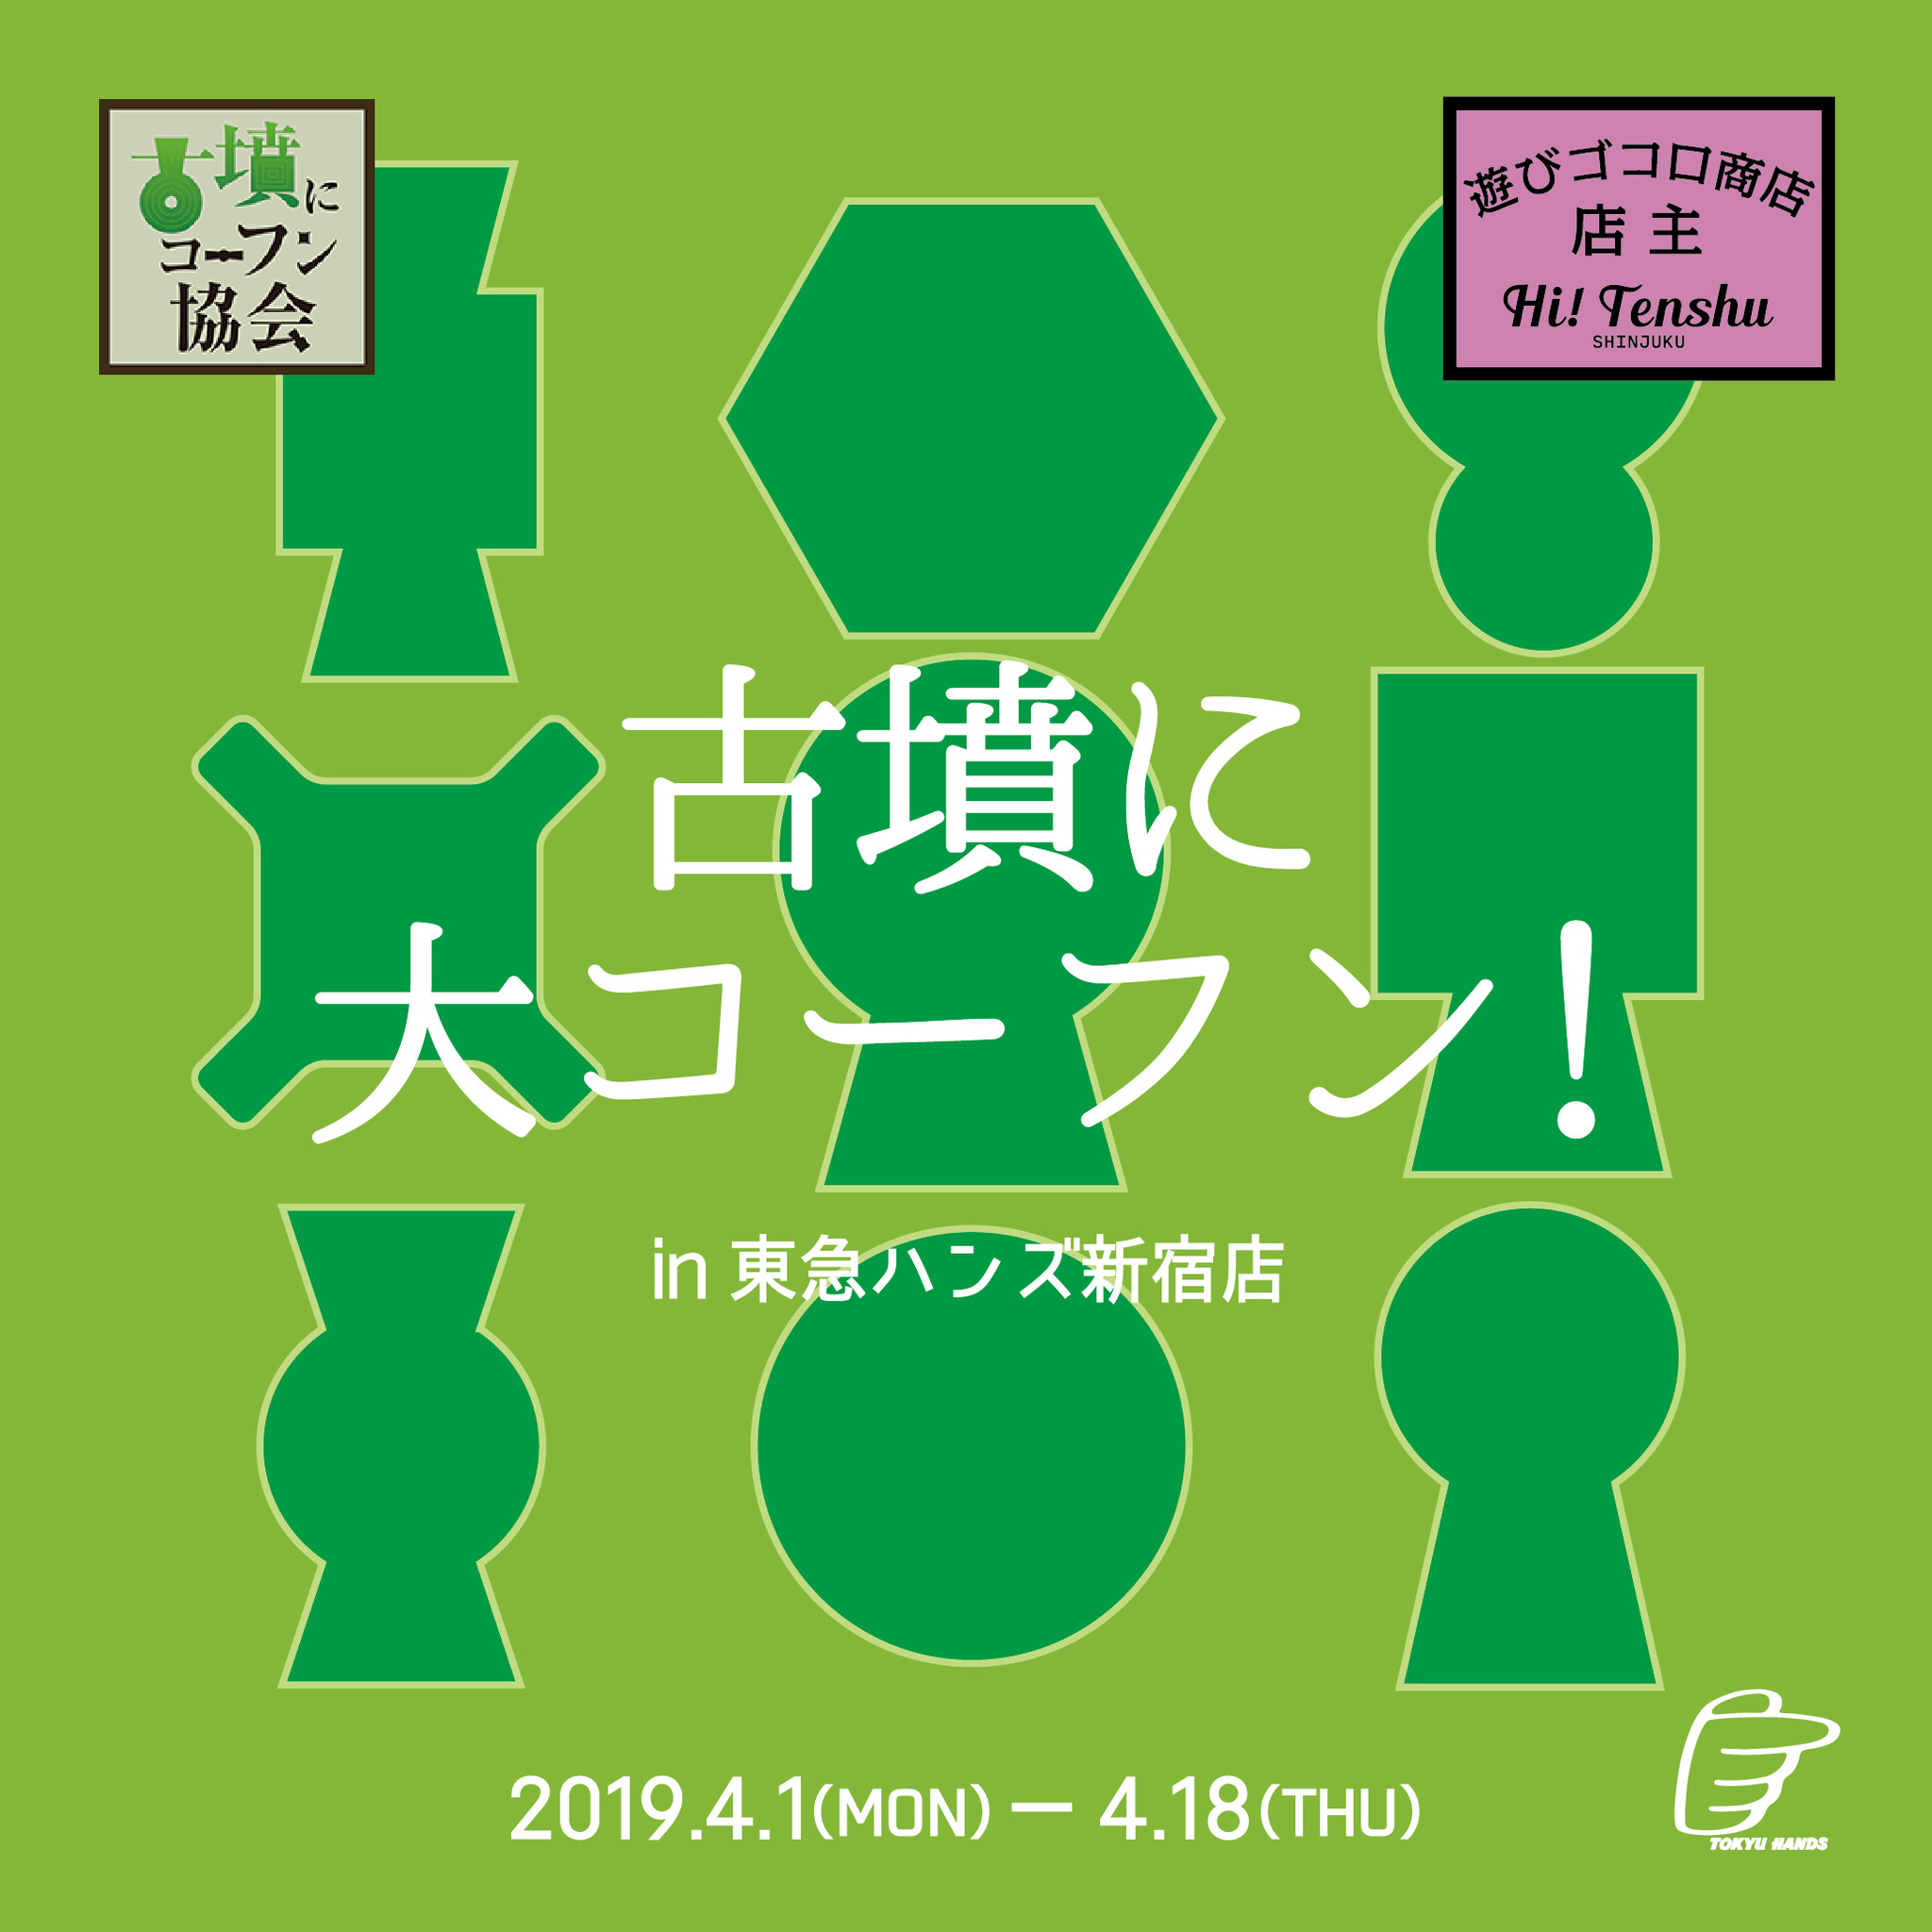 【出展のお知らせ】東急ハンズ新宿店